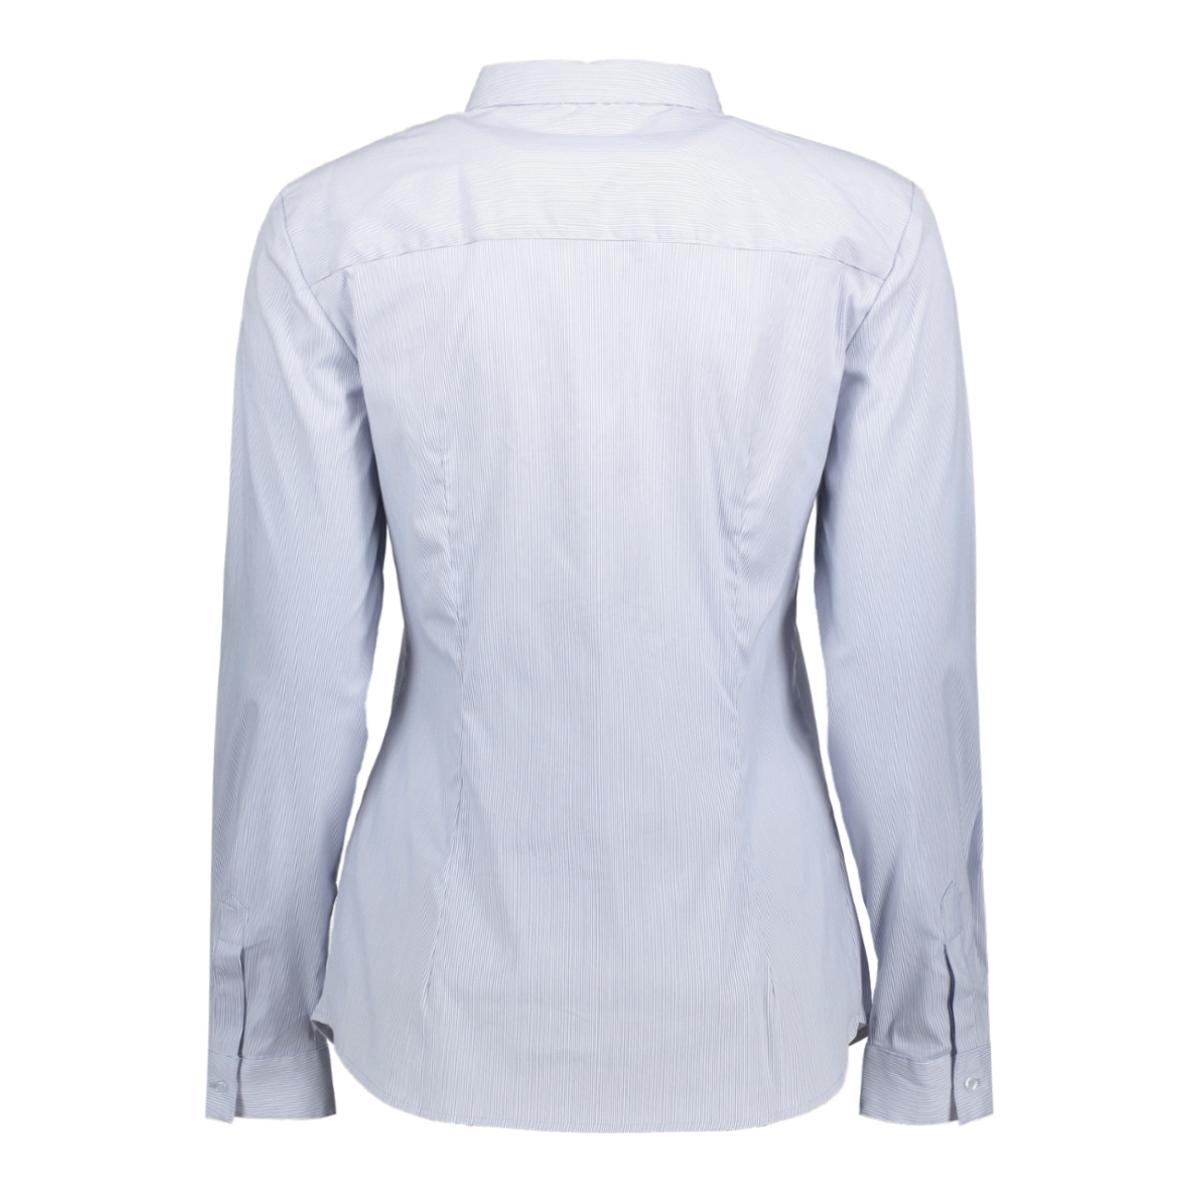 997eo1f801 esprit collection blouse e440